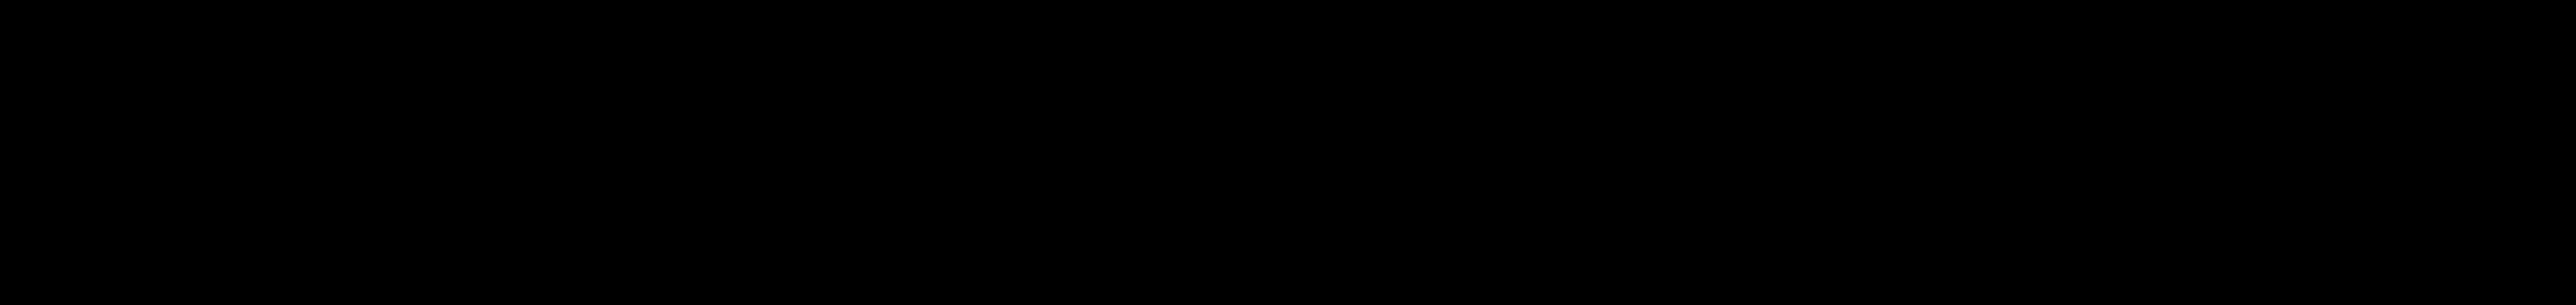 Wvl Logo Bk